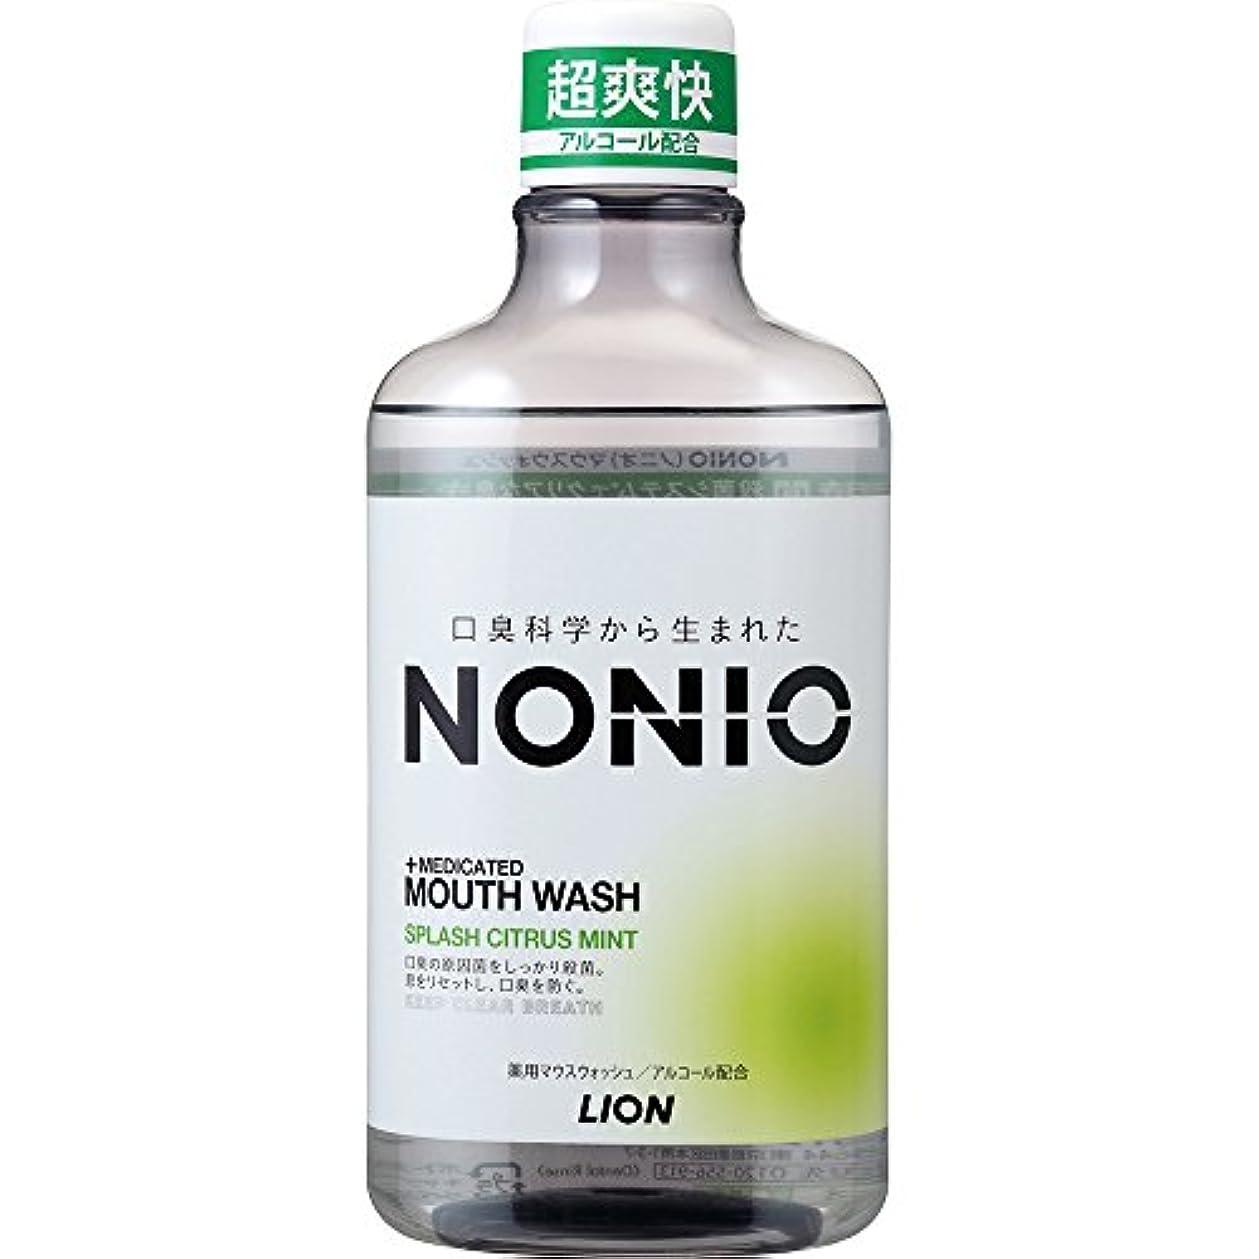 セッションシダ義務づける[医薬部外品]NONIO マウスウォッシュ スプラッシュシトラスミント 600ml 洗口液